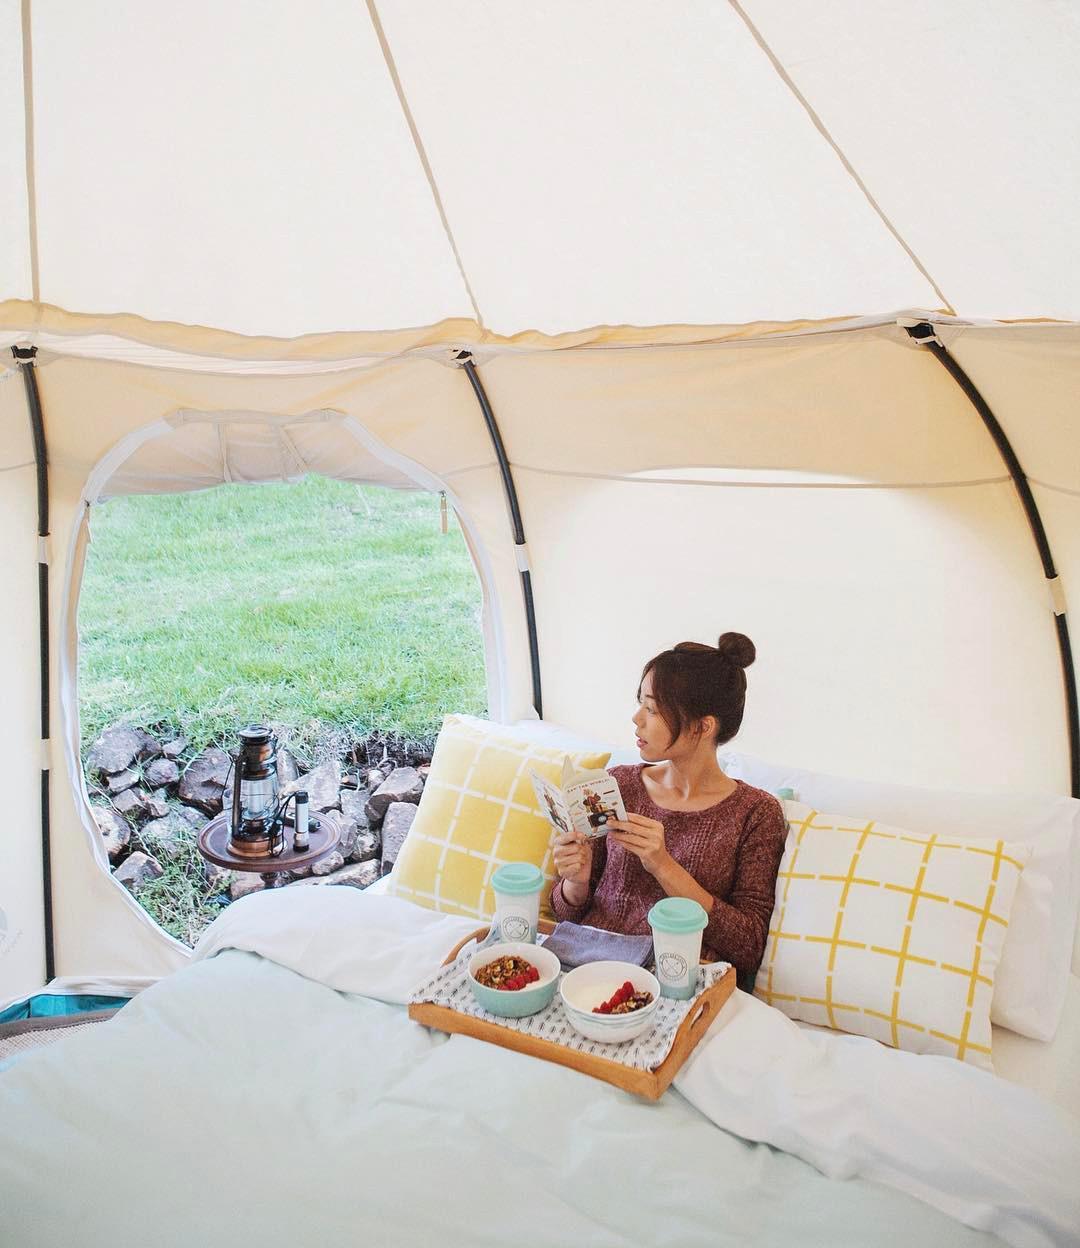 浪漫的野外露营 帐篷酒店蒂尔巴湖营